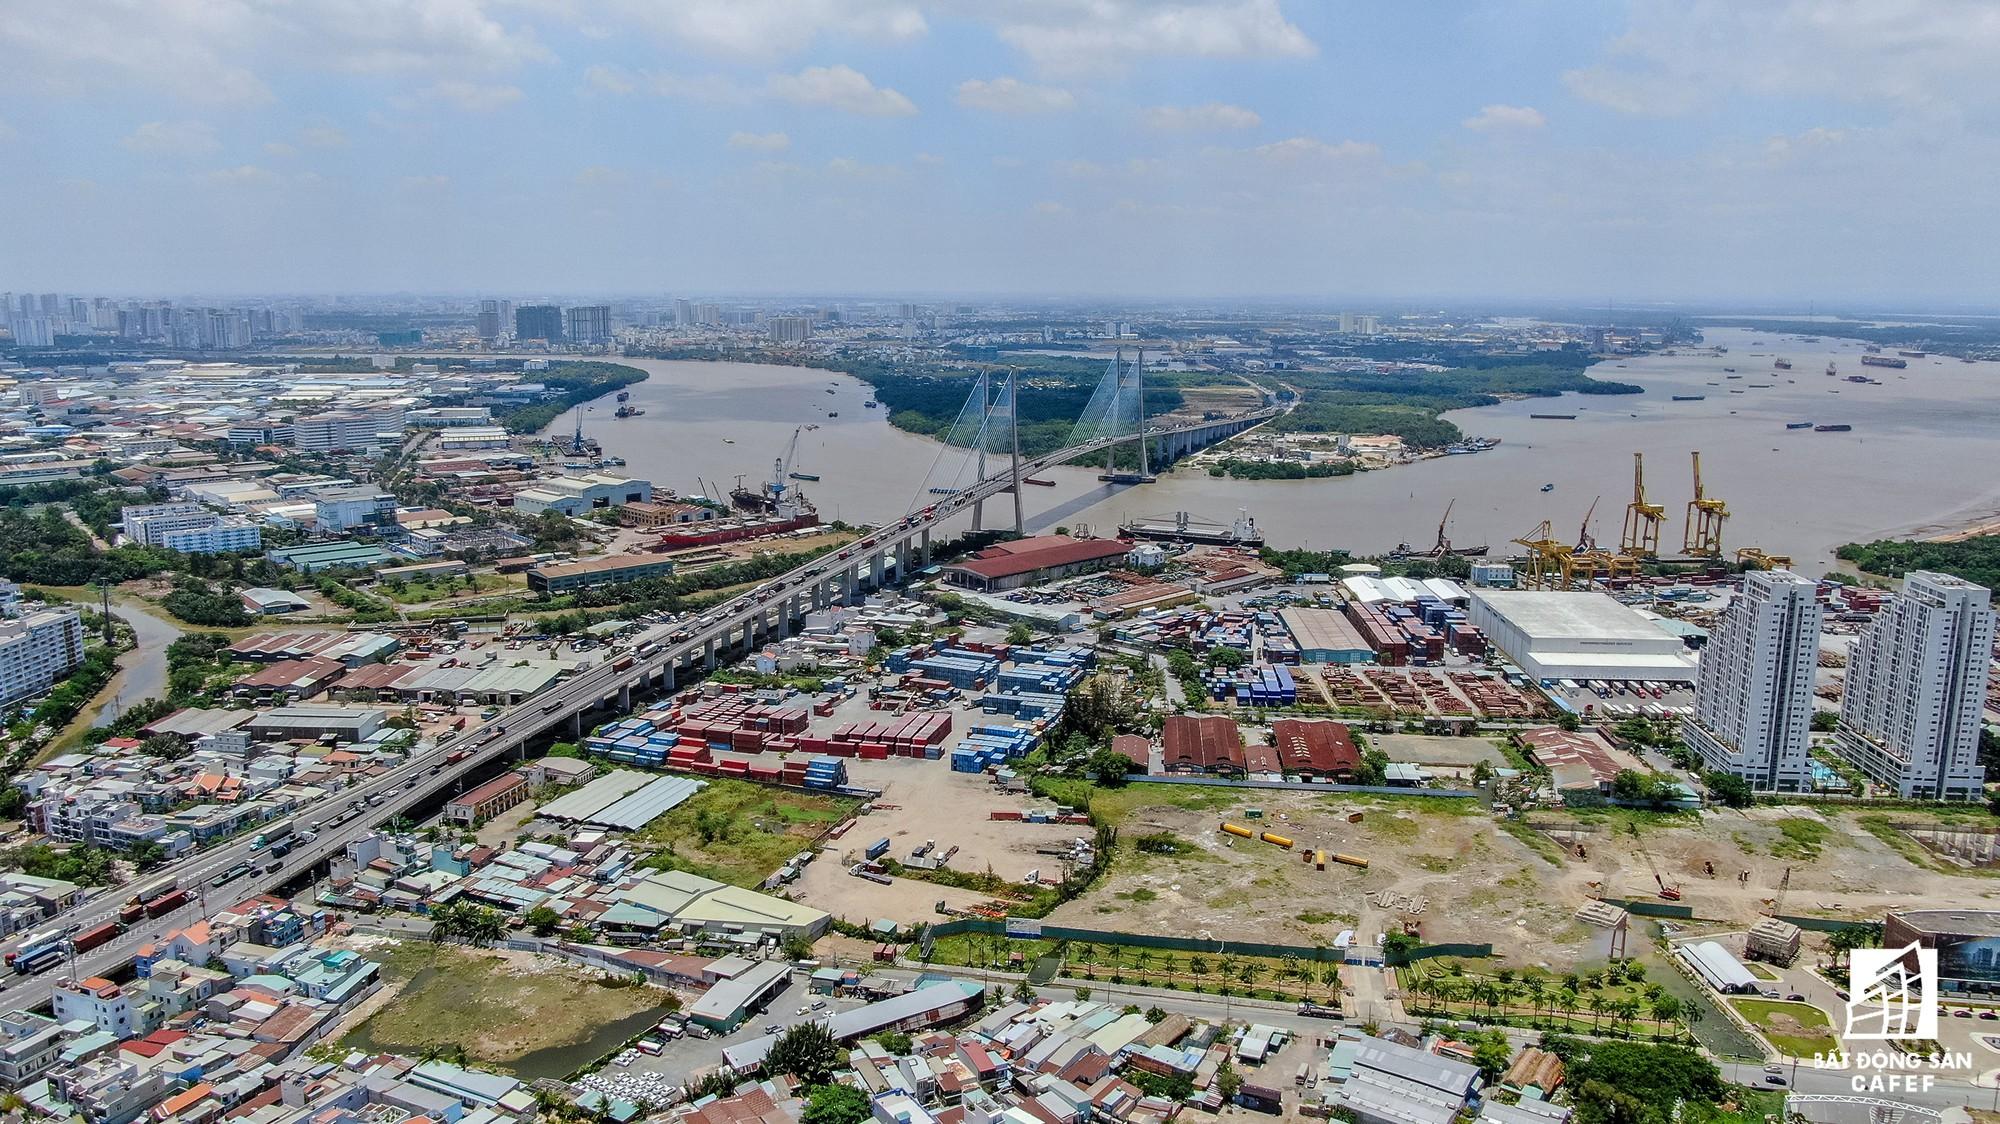 Diện mạo hai bờ sông Sài Gòn tương lai nhìn từ loạt siêu dự án tỷ đô, khu vực trung tâm giá nhà lên hơn 1 tỷ đồng/m2 - Ảnh 9.